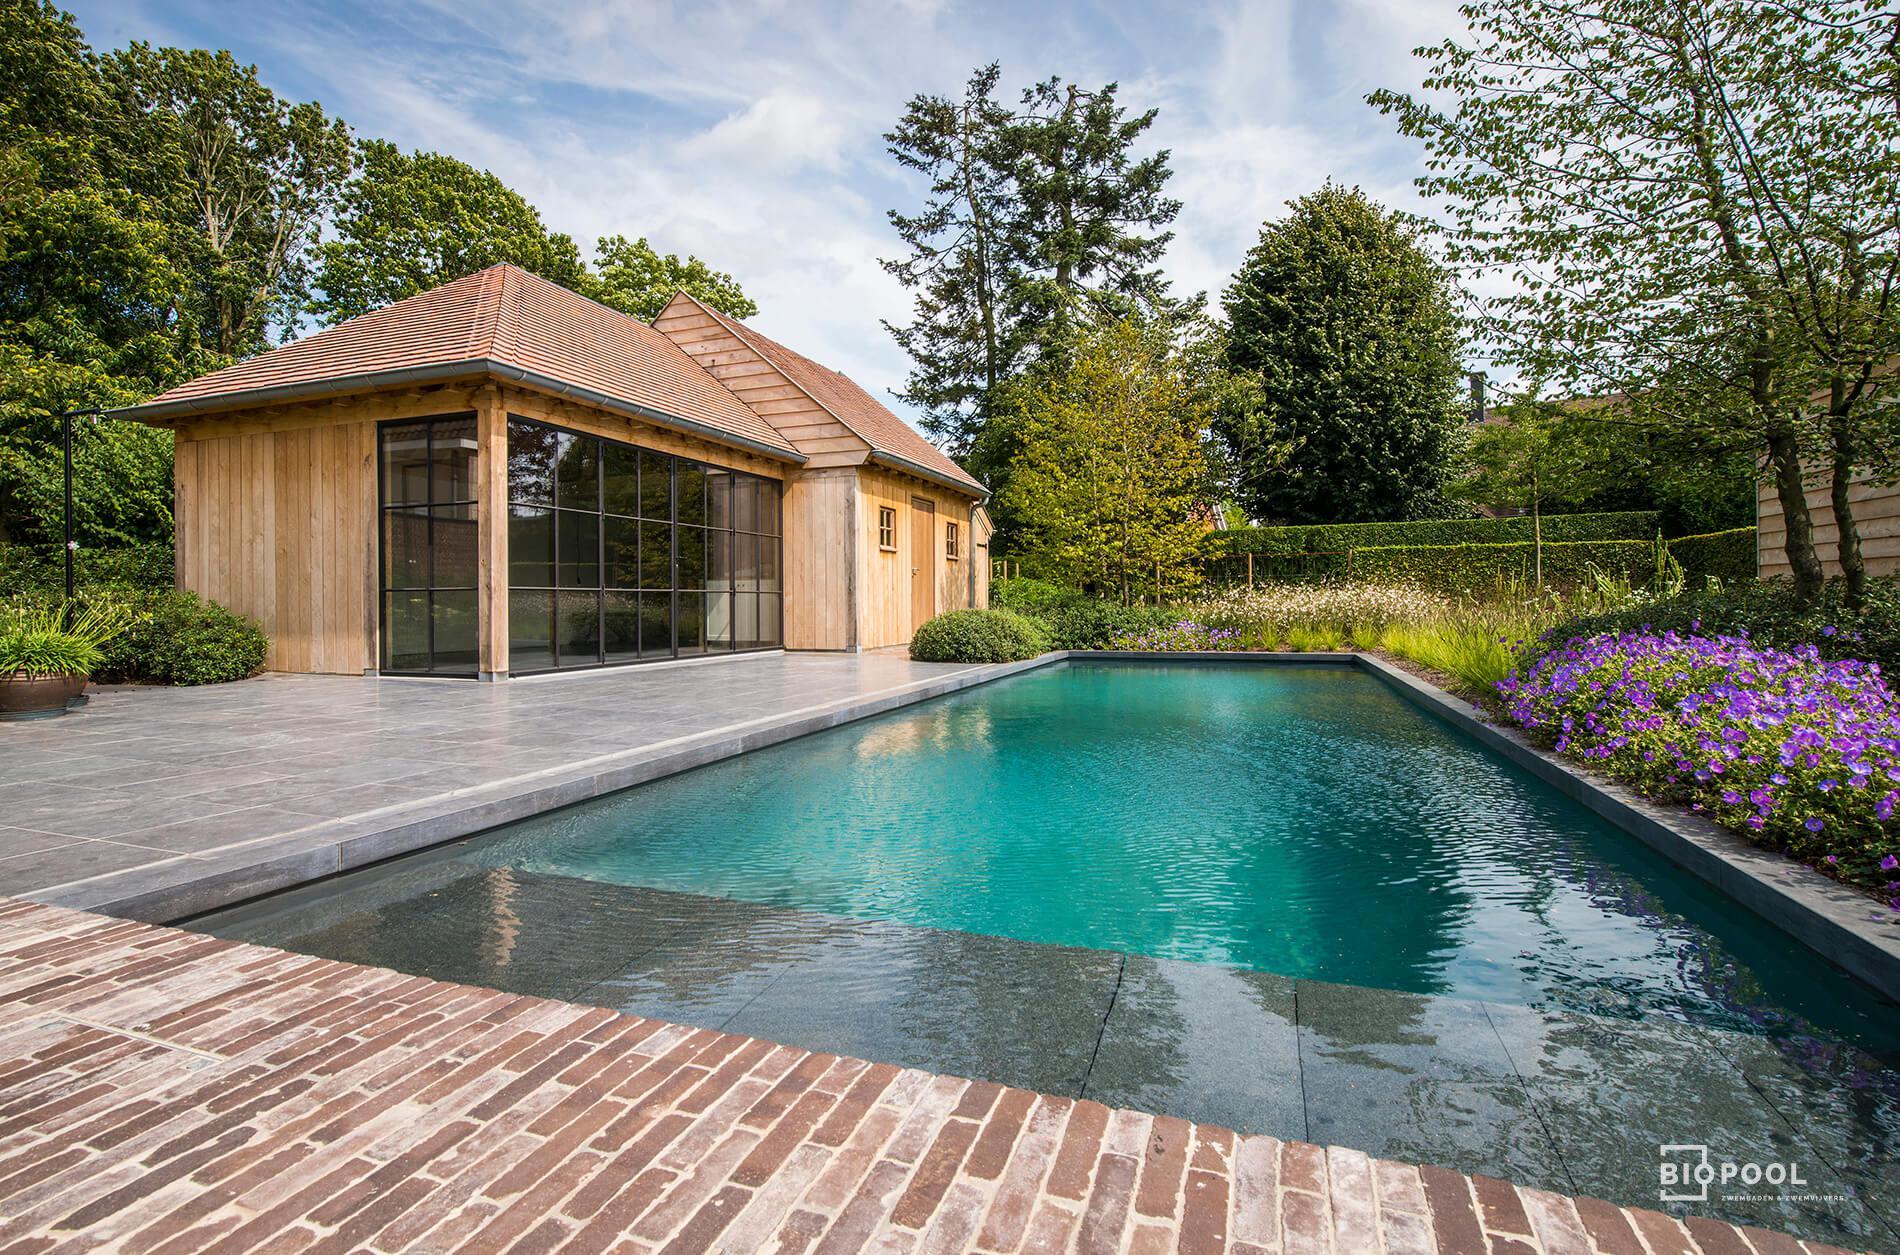 Afbeelding project Bouwkundig |  ombouw zwemvijver tot een mooi Biopool zwembad